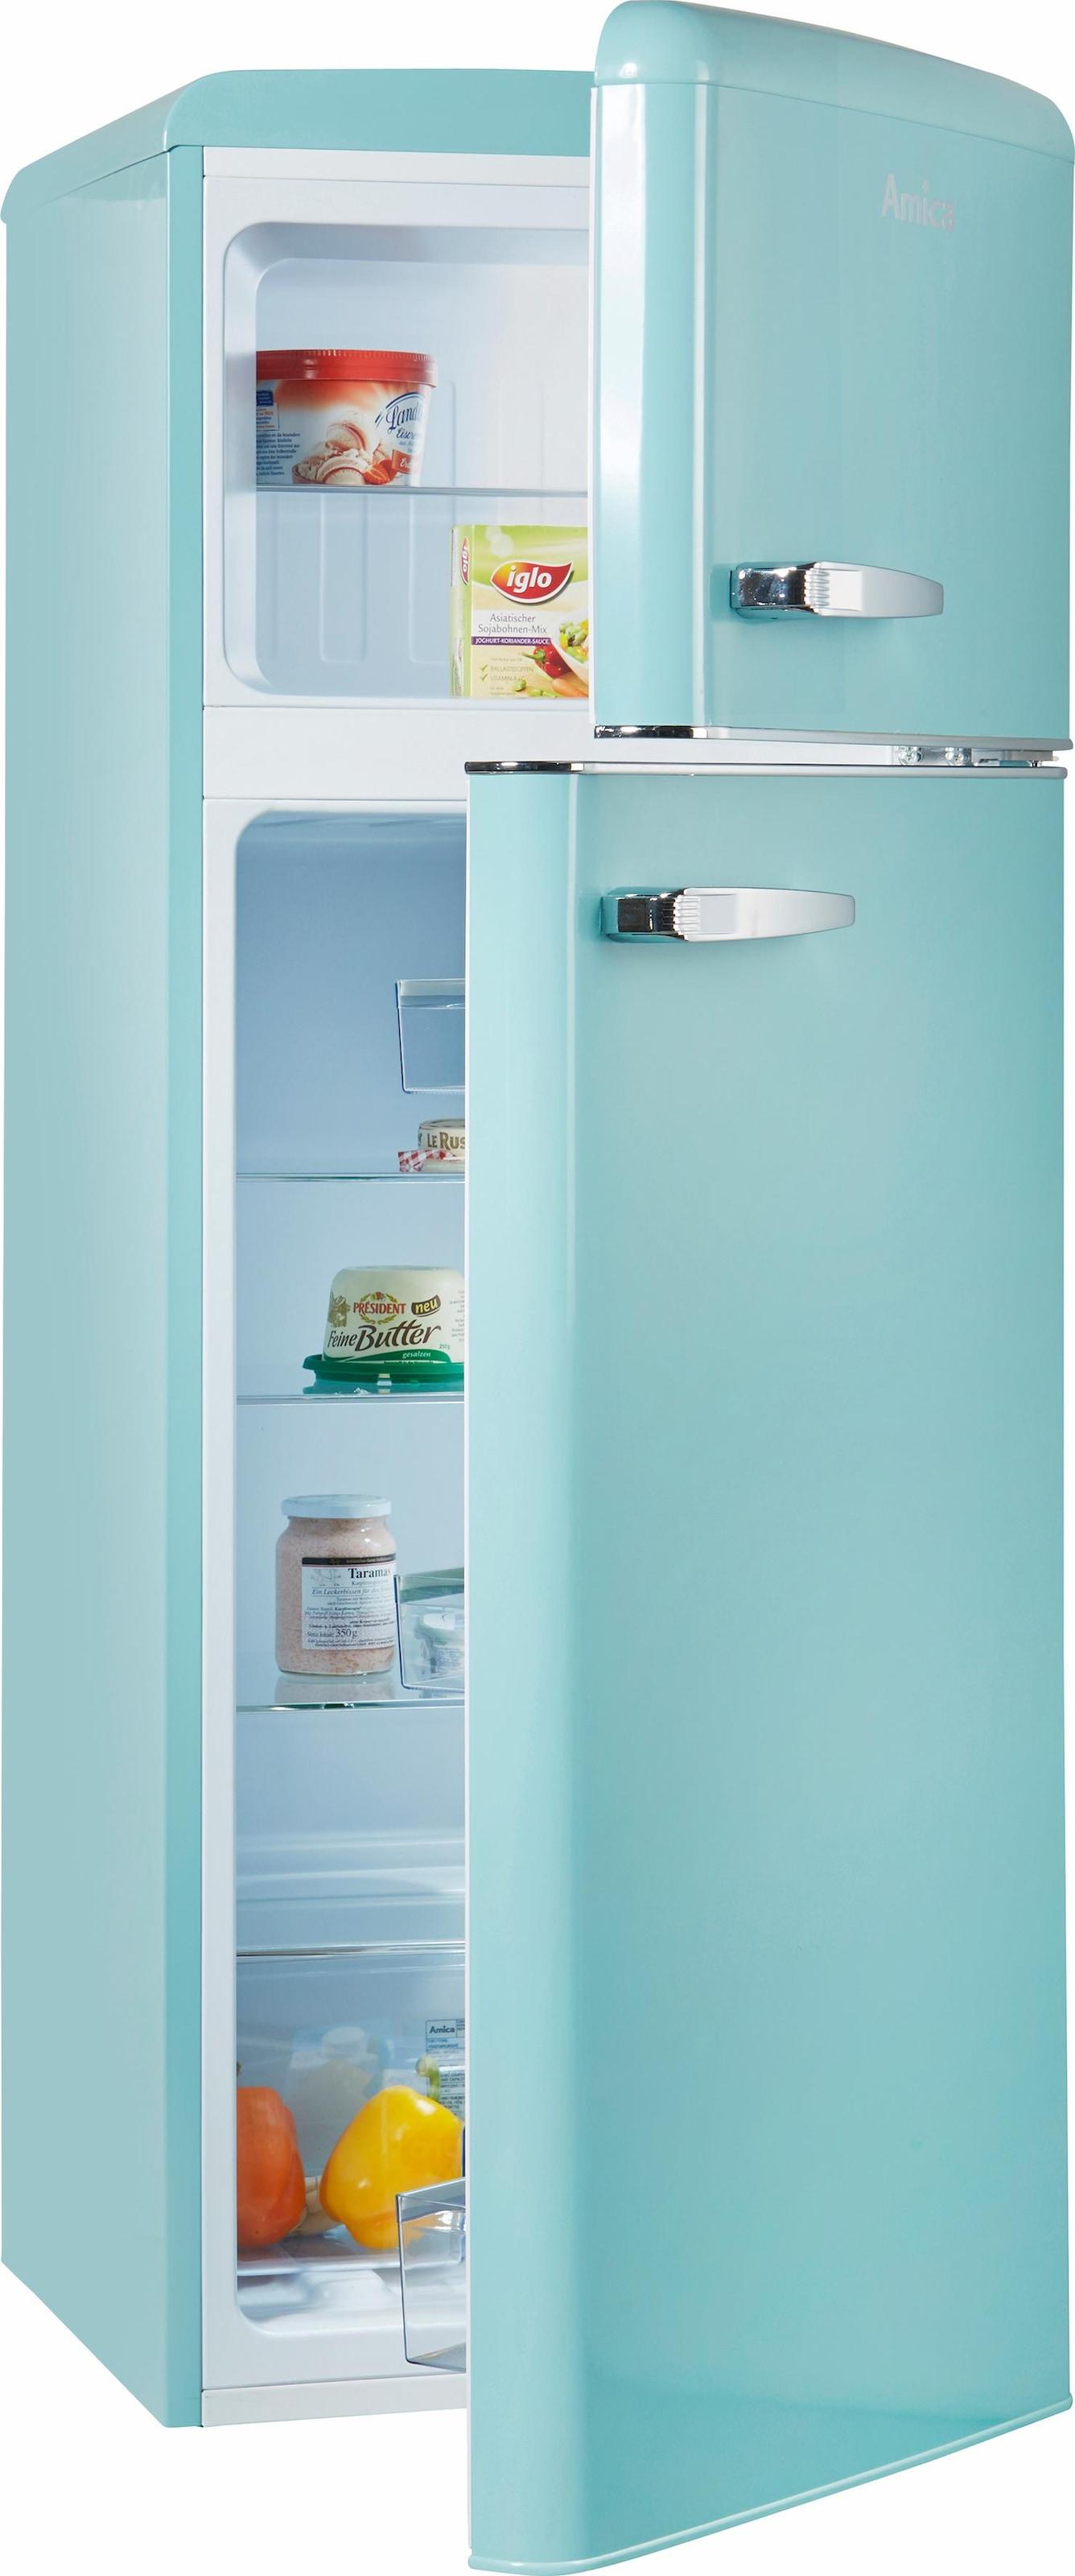 Amica Retro Kühlschrank Hellblau : Amica retro kühlschrank beige retro kühlschränke auf rechnung